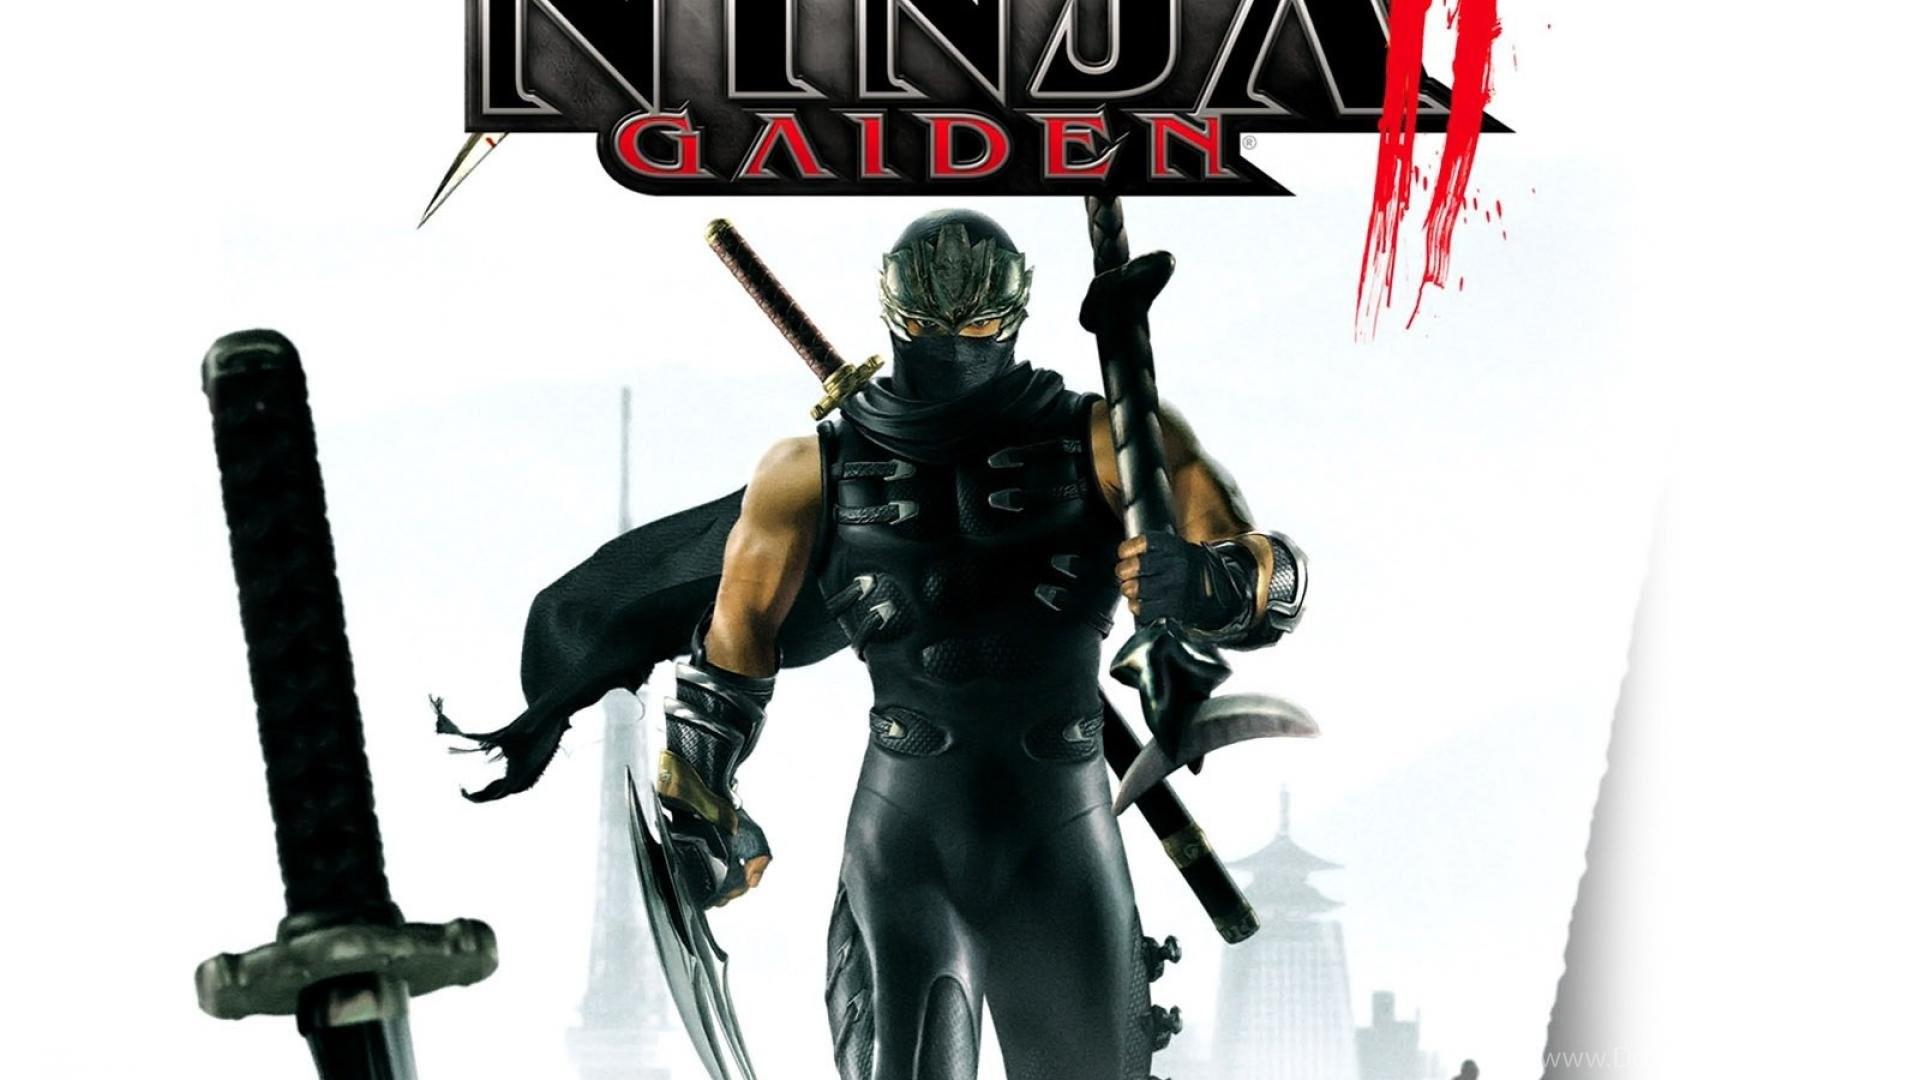 ninja gaiden ii video games hd wallpapers ( desktop background